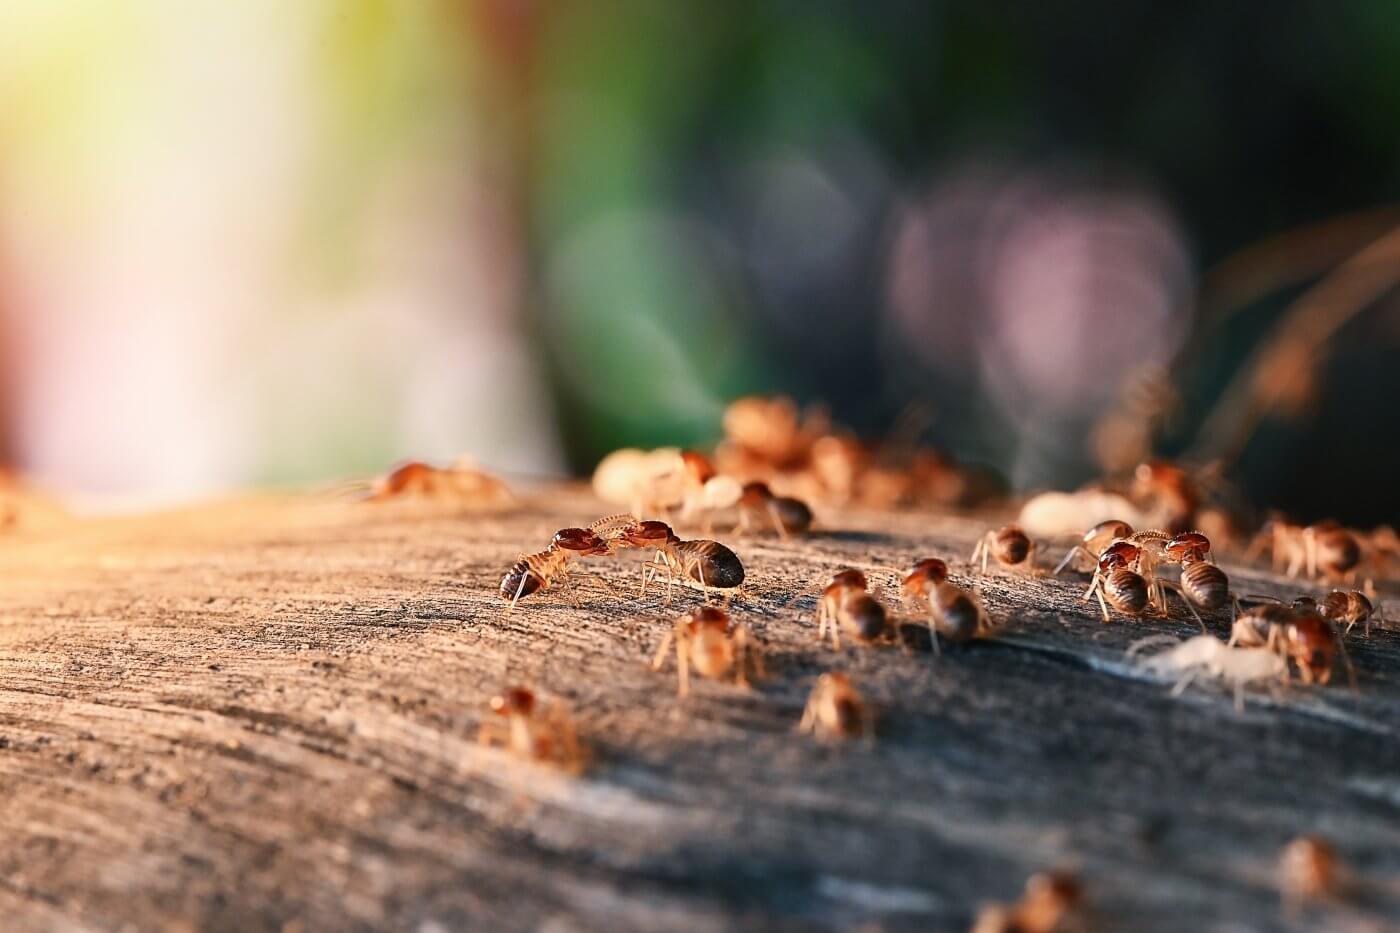 How Quickly do Termites do Damage?